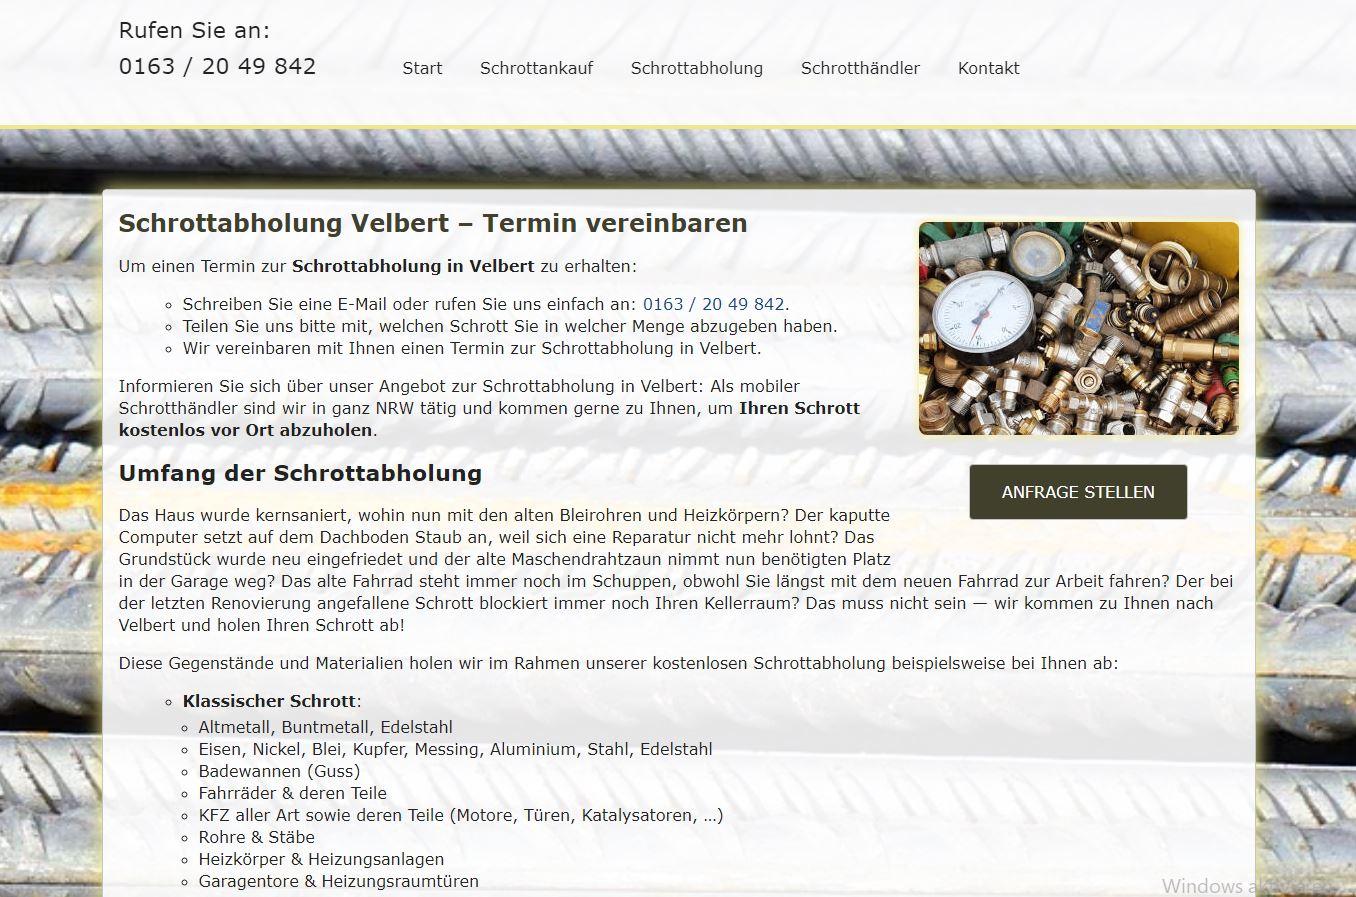 Entsorgung Von Schrott & Metalle in Velbert